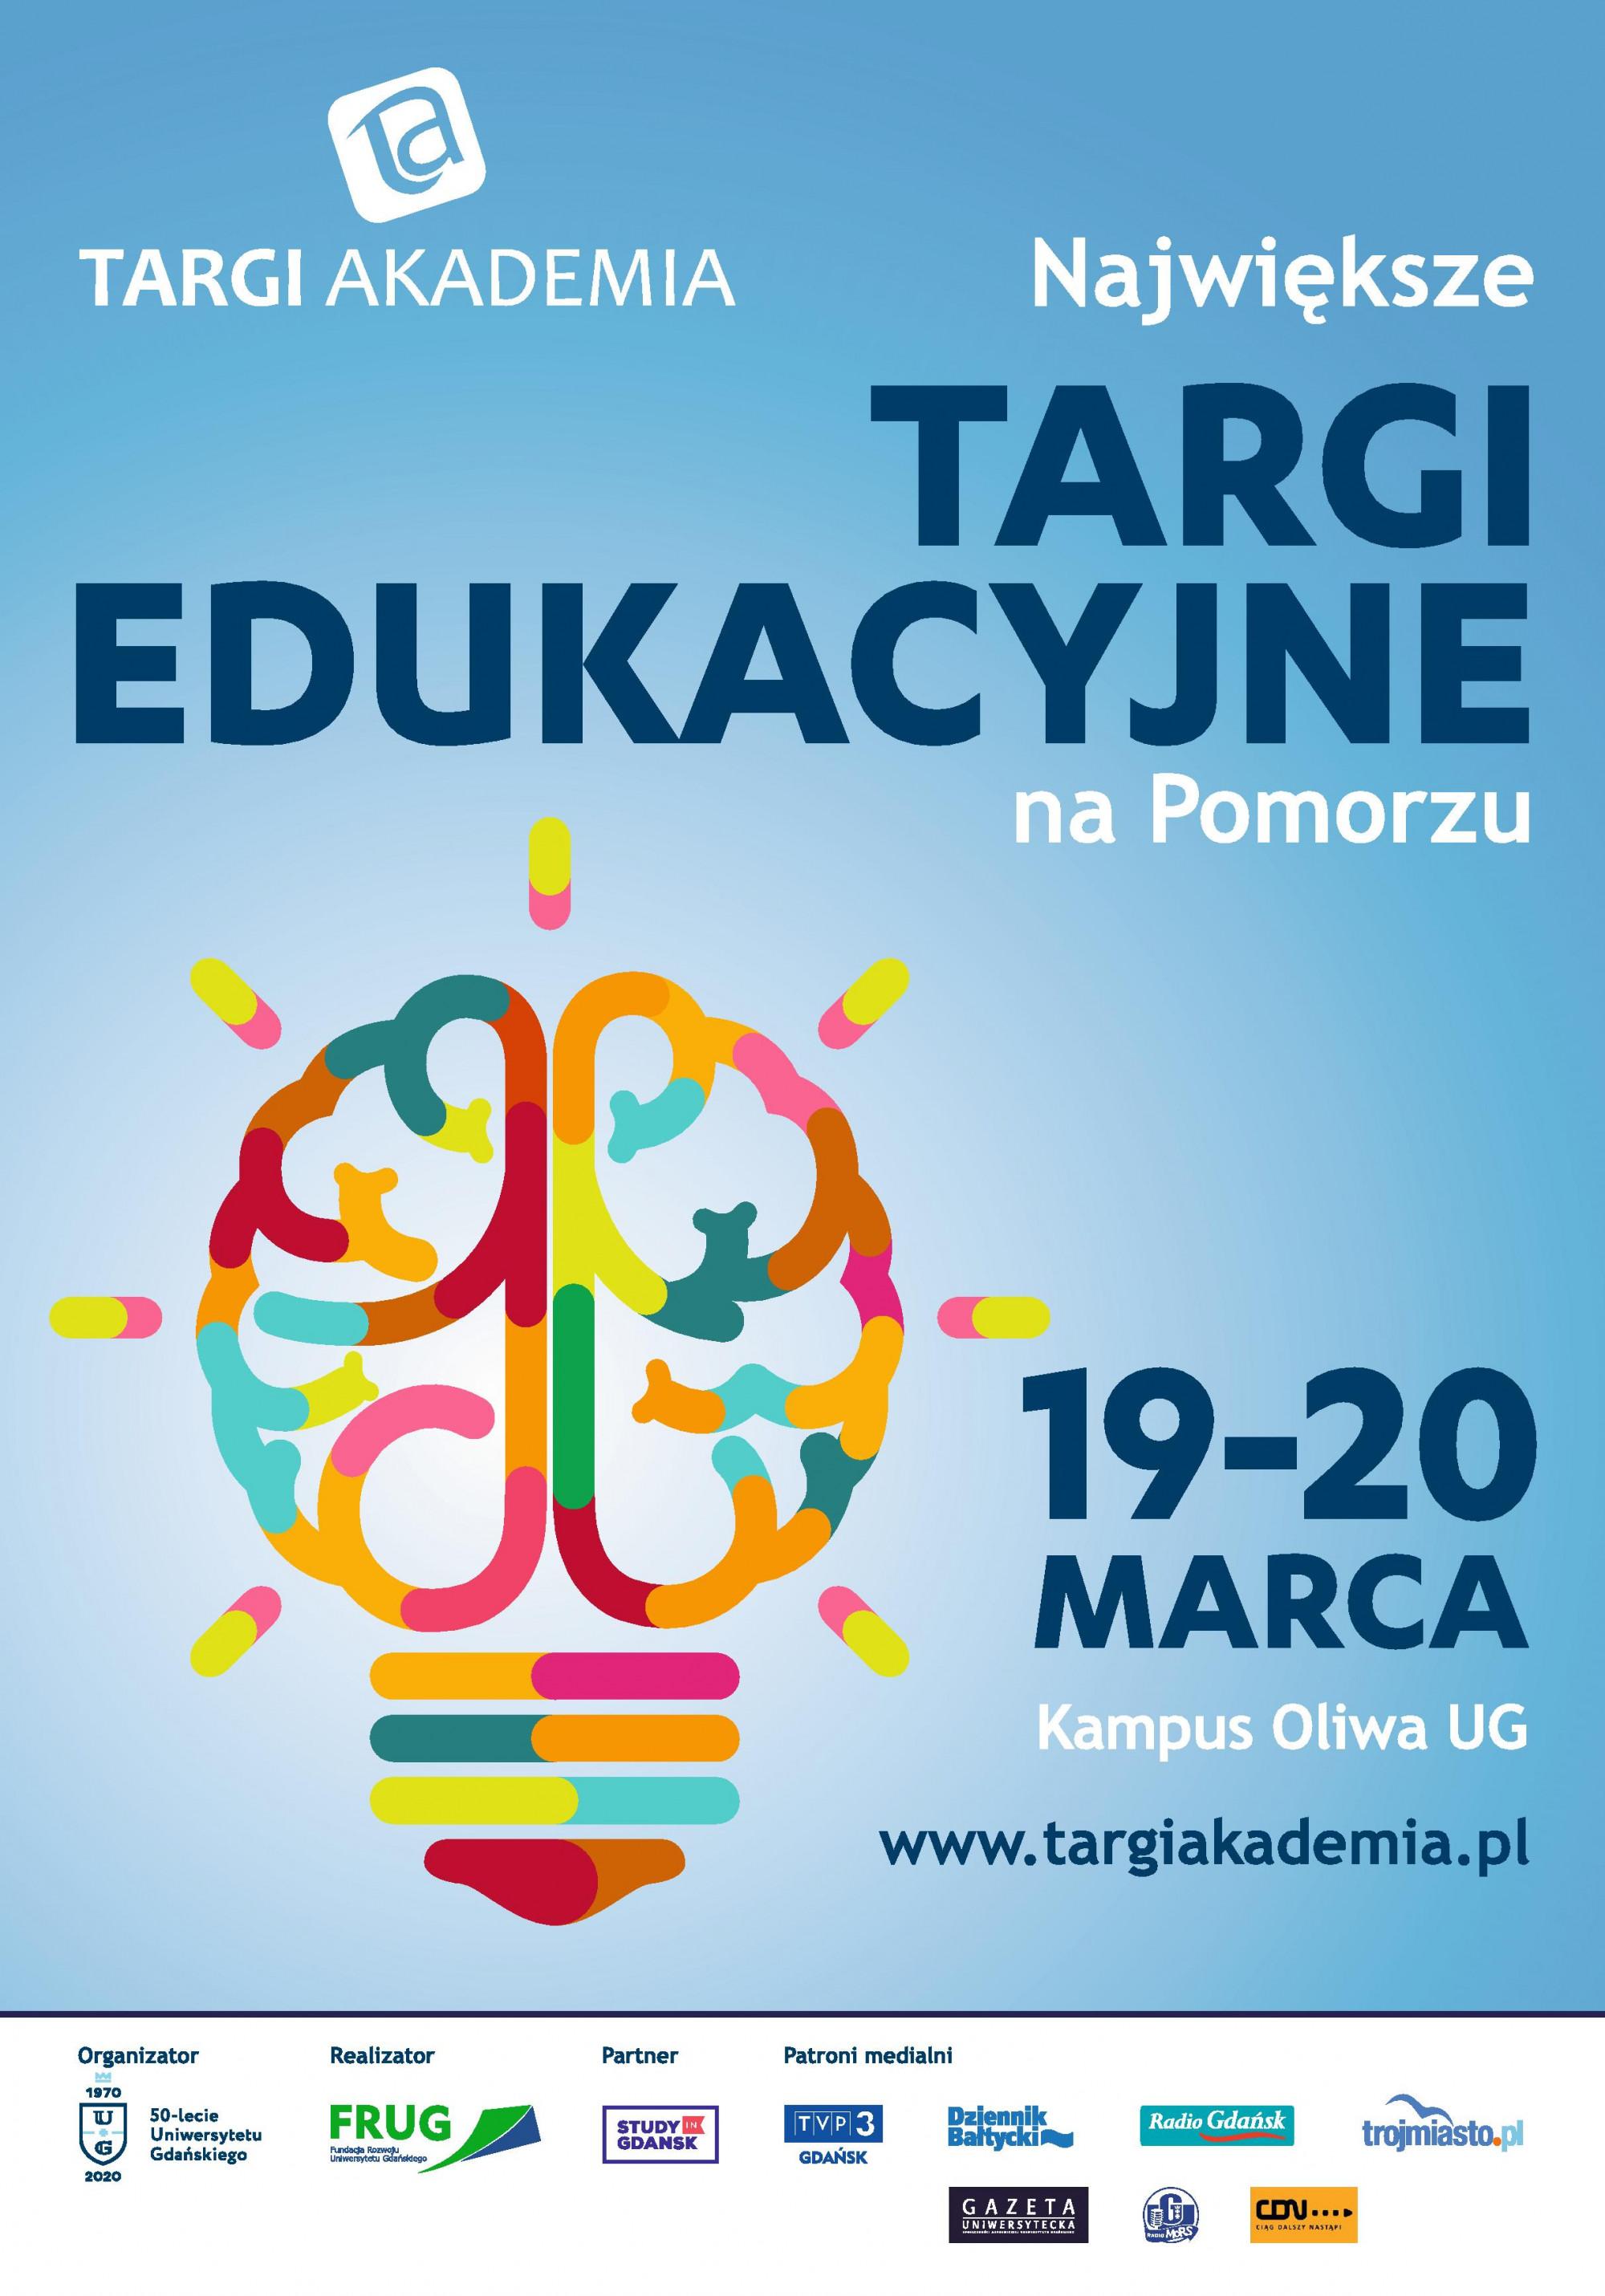 Образовательная ярмарка для будущих студентов, Гданьск 19-20 марта